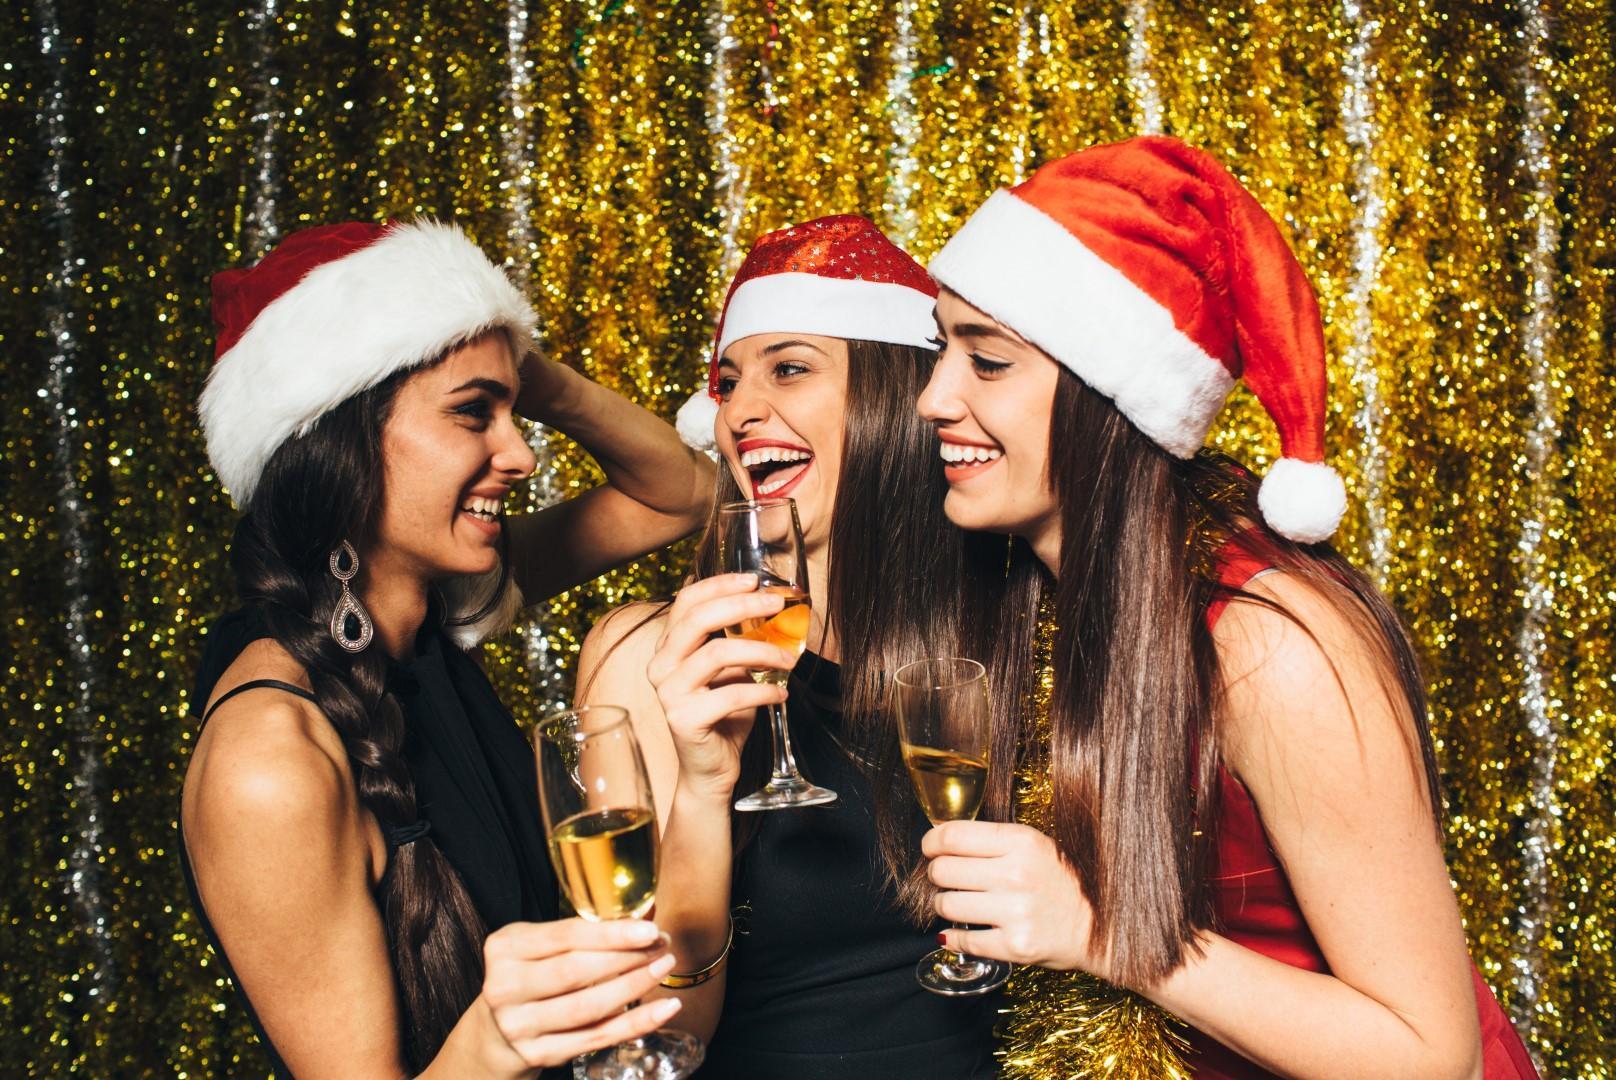 Sei single? Dieci idee per goderti le feste senza l?anima gemella